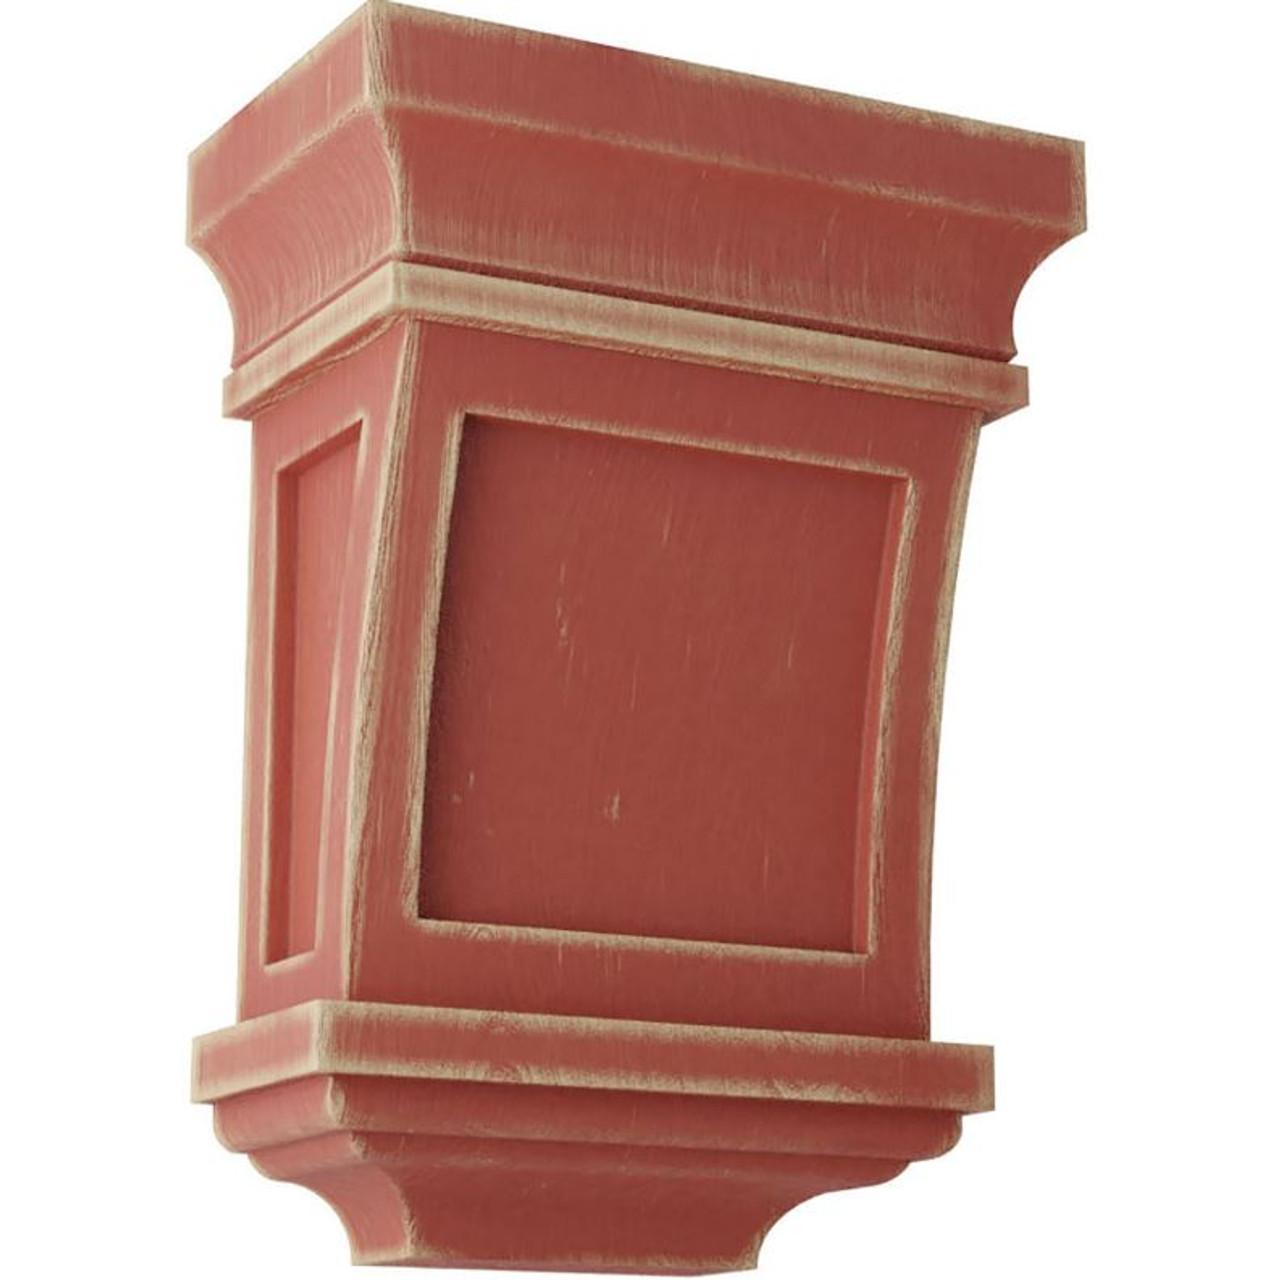 Santa Fe Wood Vintage Décor Corbel, Salvage Red